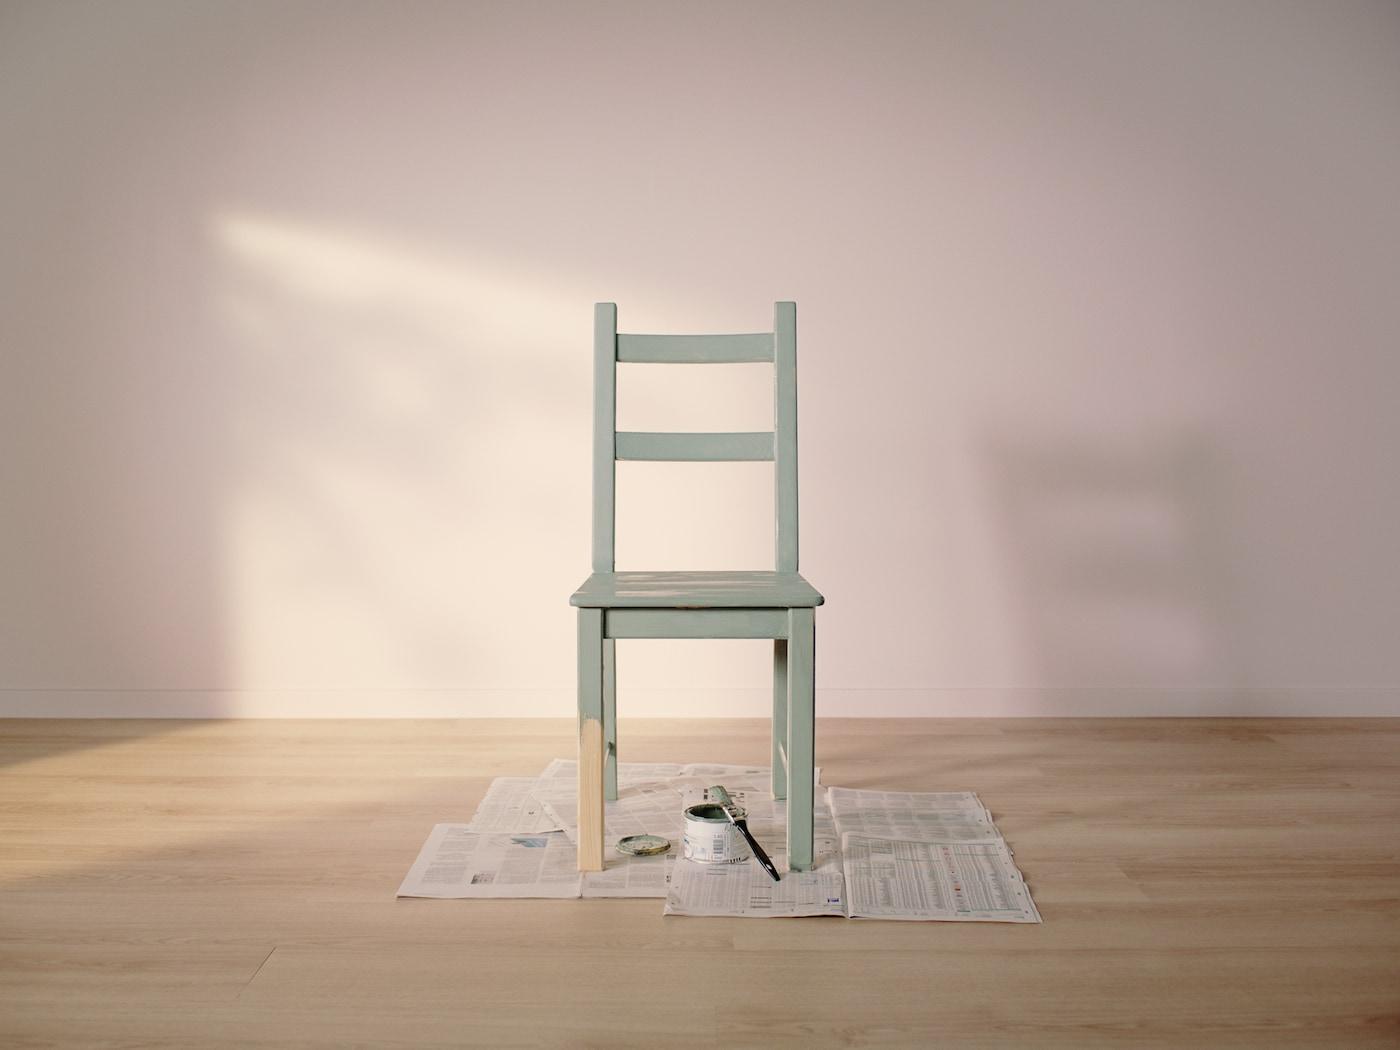 IVAR stol iz borovine, pobarvan na zeleno, razen polovice ene noge, stoji na časopisu s pločevinko barve in čopičem.